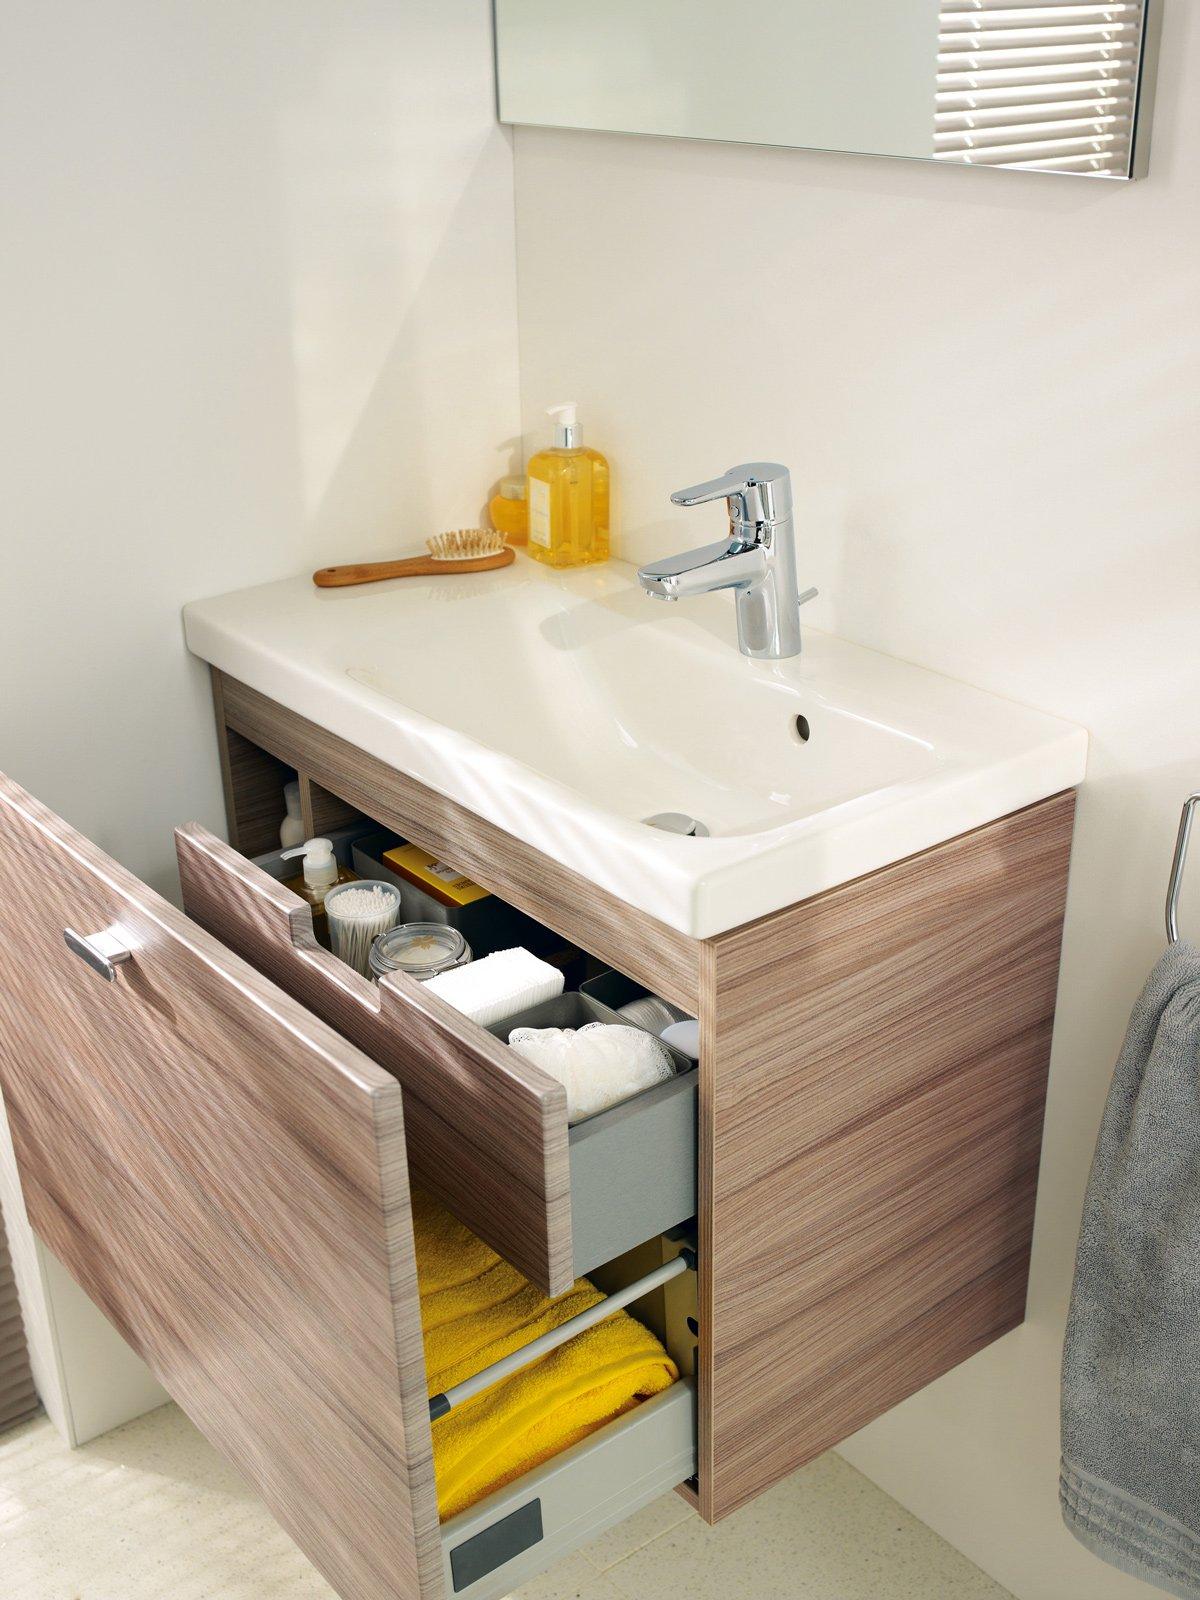 Mobile Sotto Mensola Bagno mobili bagno con cassetti. tutto in ordine sotto il lavabo